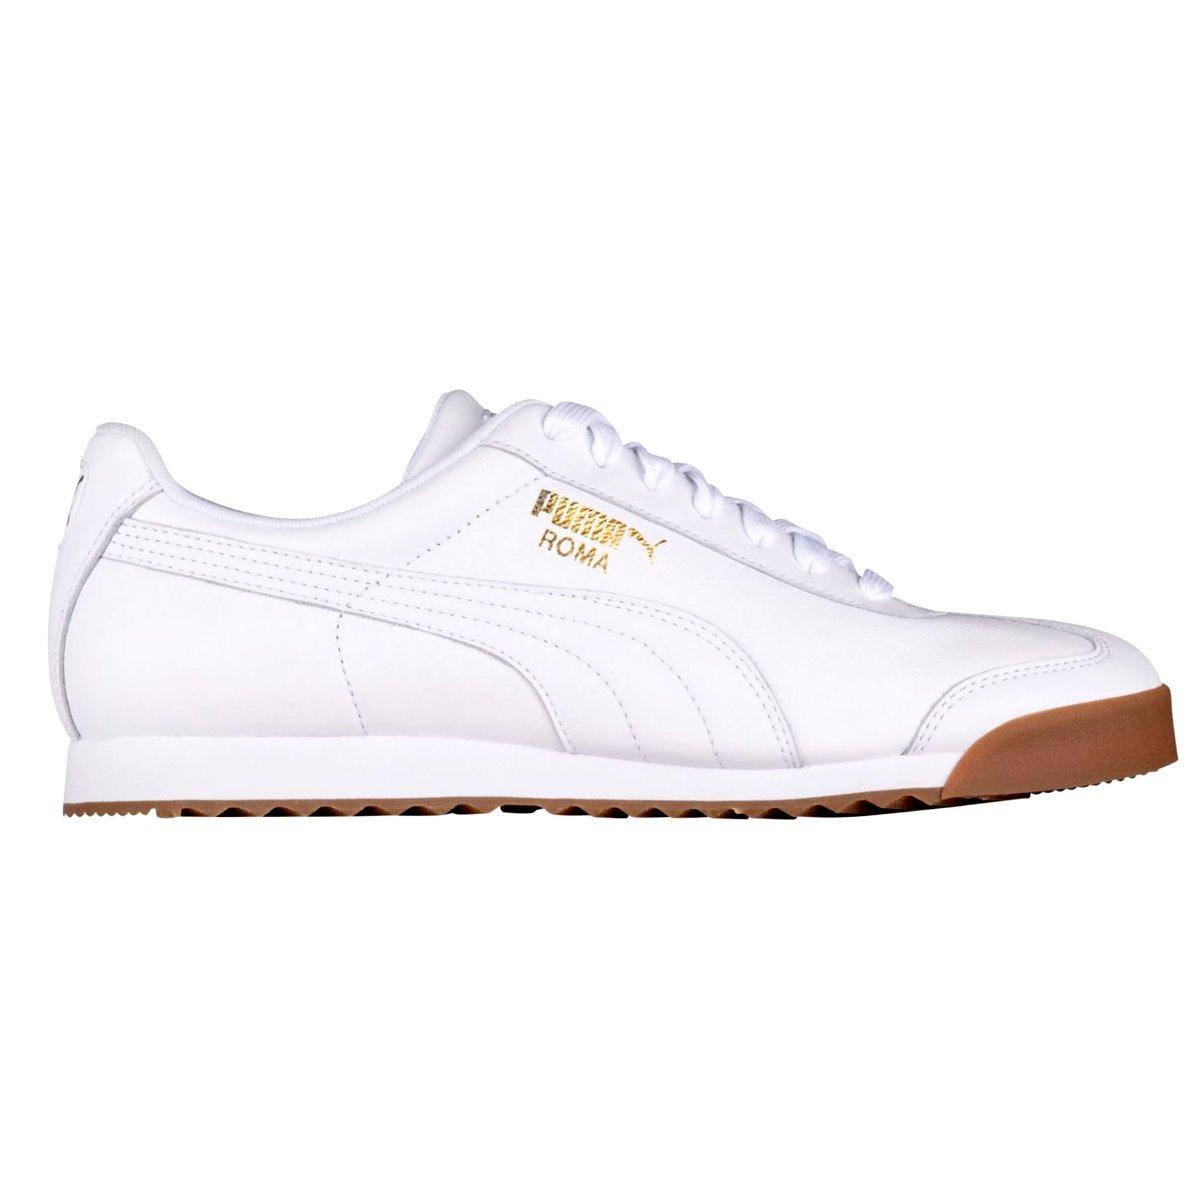 tenis puma roma classic gum  blanco 100% original en caja. Cargando zoom. cf11cdcb22539